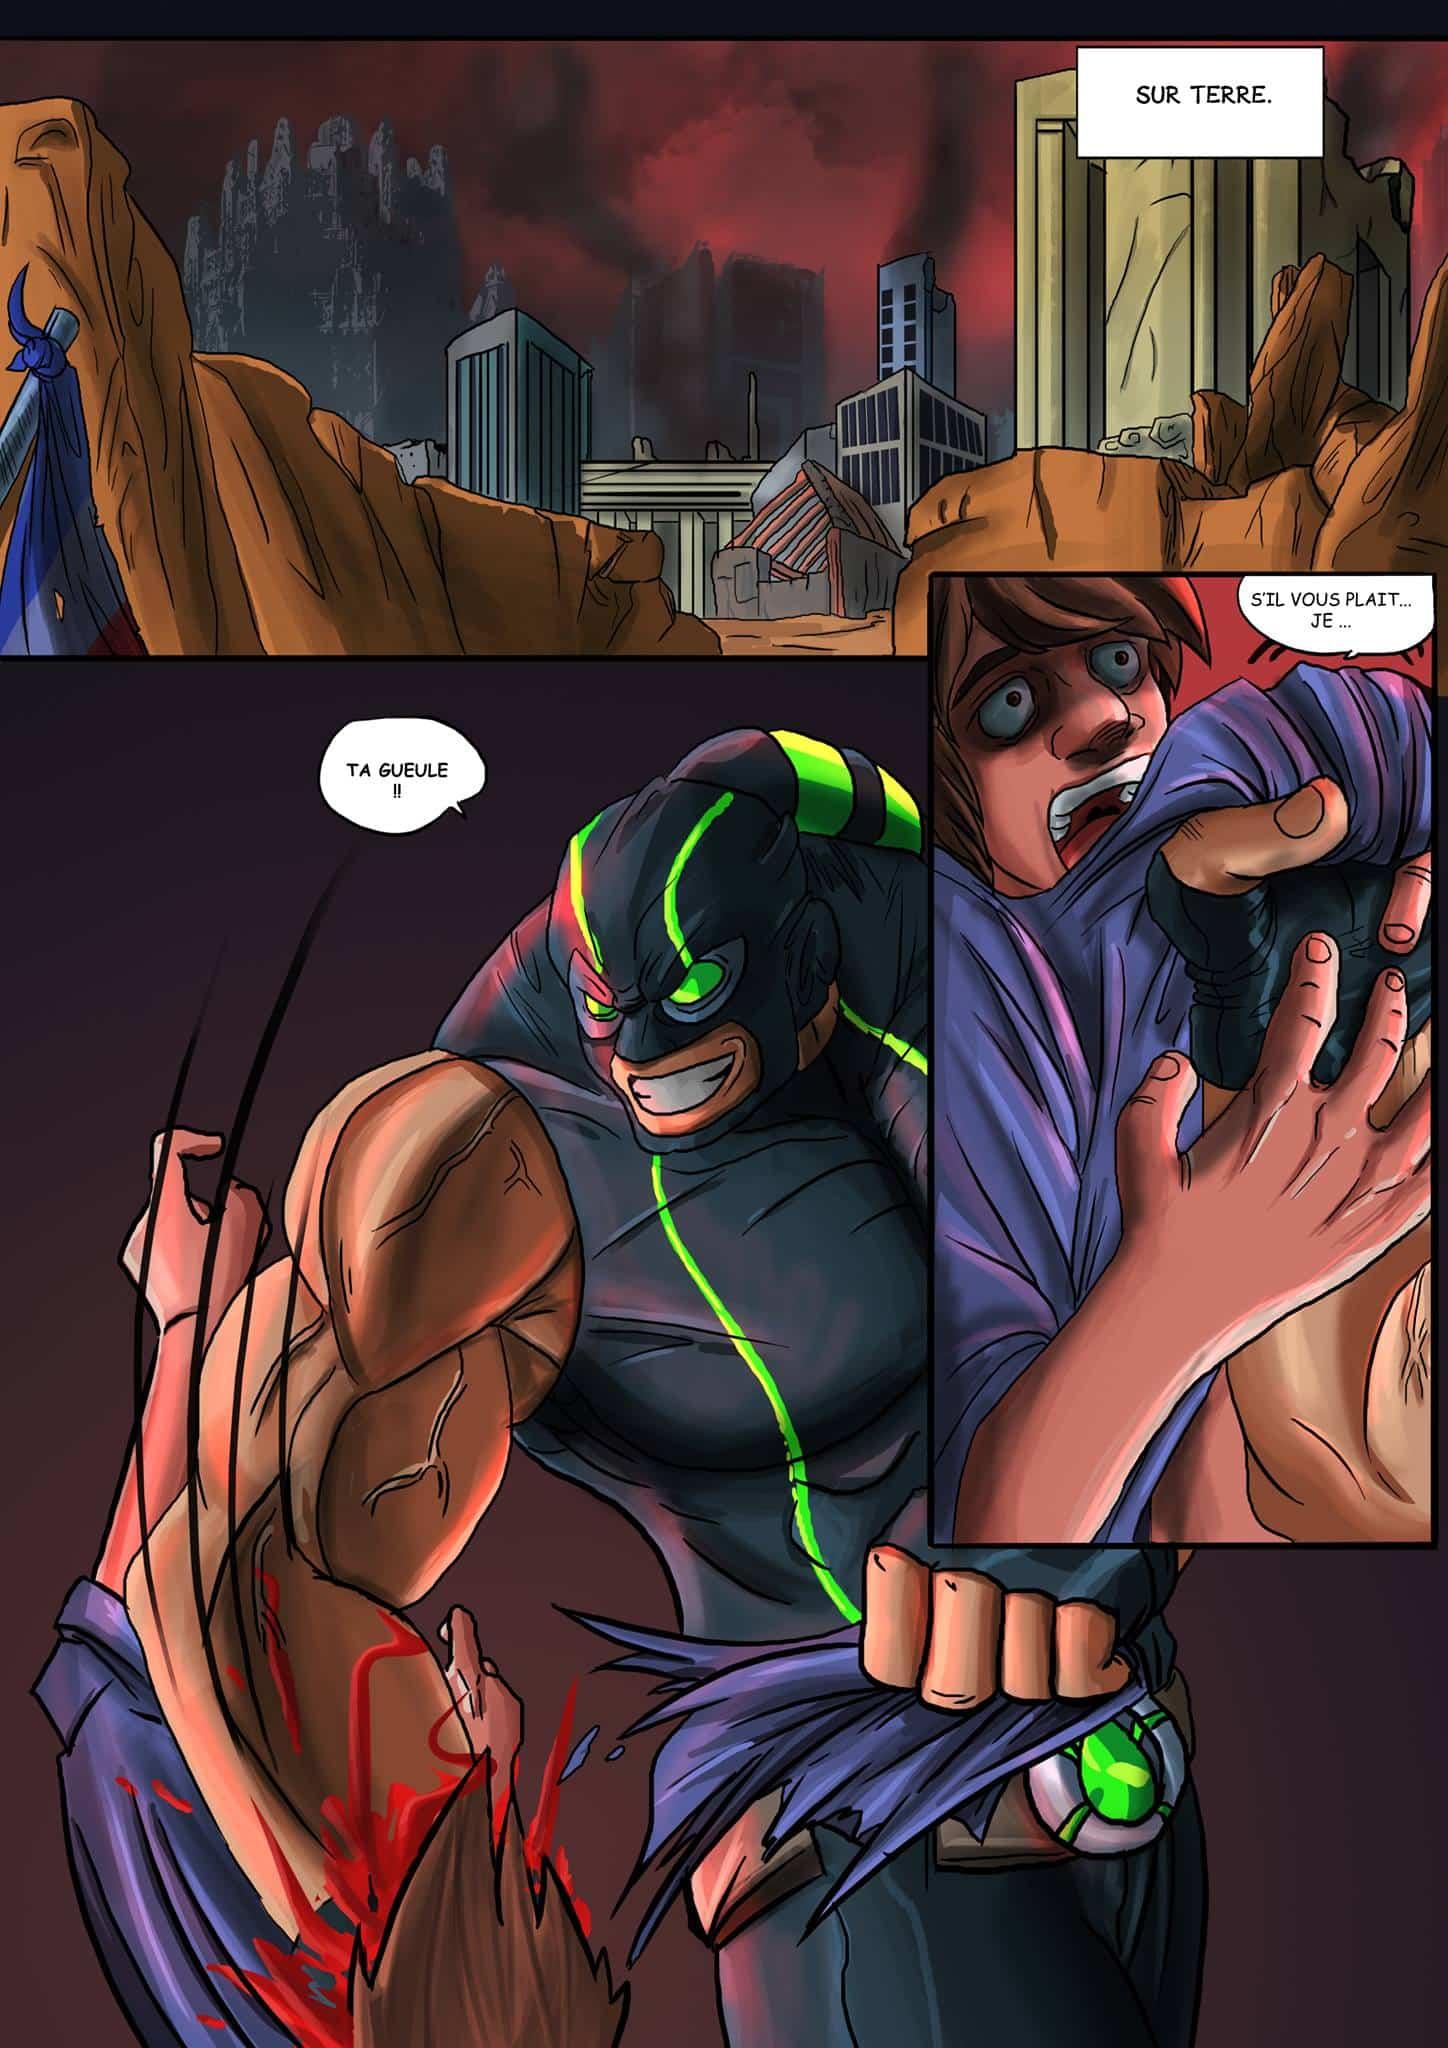 Justice league goku - 9